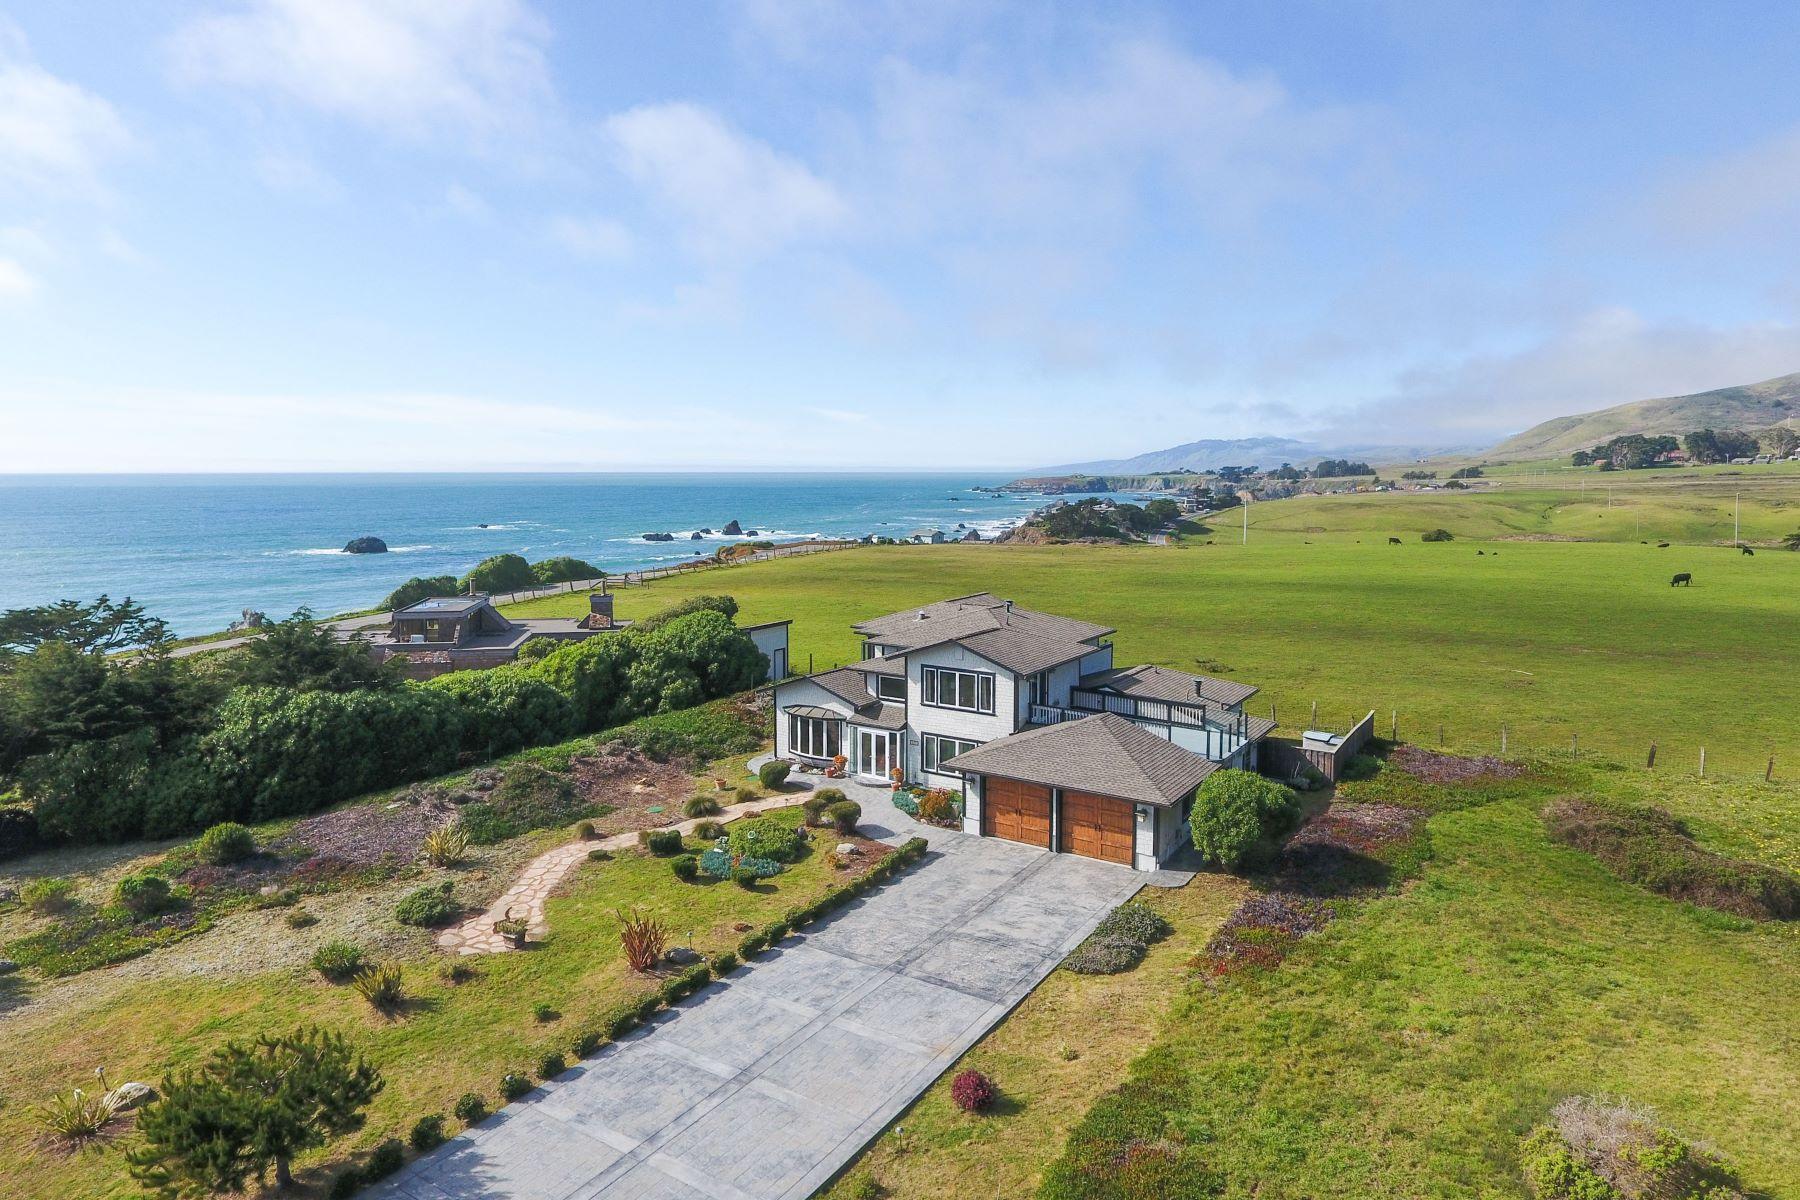 Maison unifamiliale pour l Vente à Sonoma Coast Custom-Built Home with White Water Views 125 Calle Del Sol Bodega Bay, Californie, 94923 États-Unis